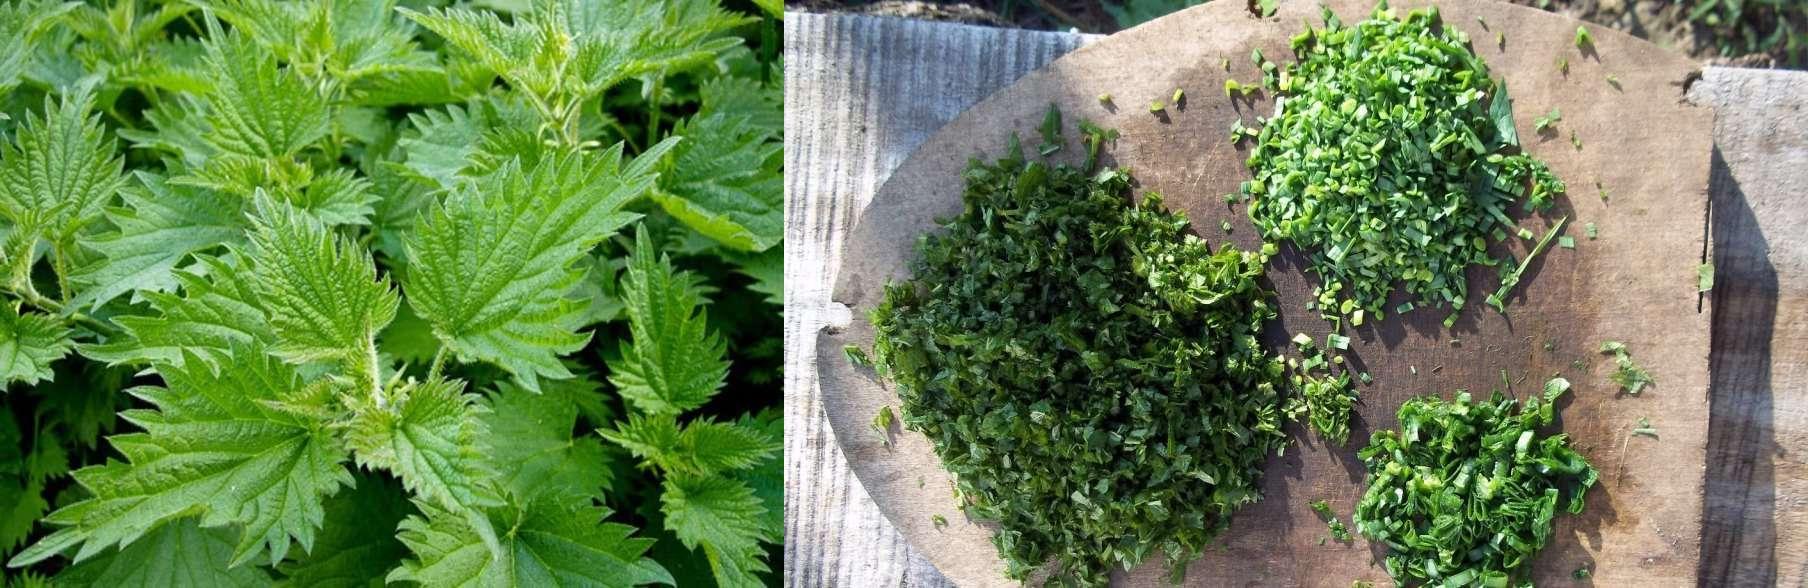 Удобрение из крапивы: как приготовить настой для подкормки растений